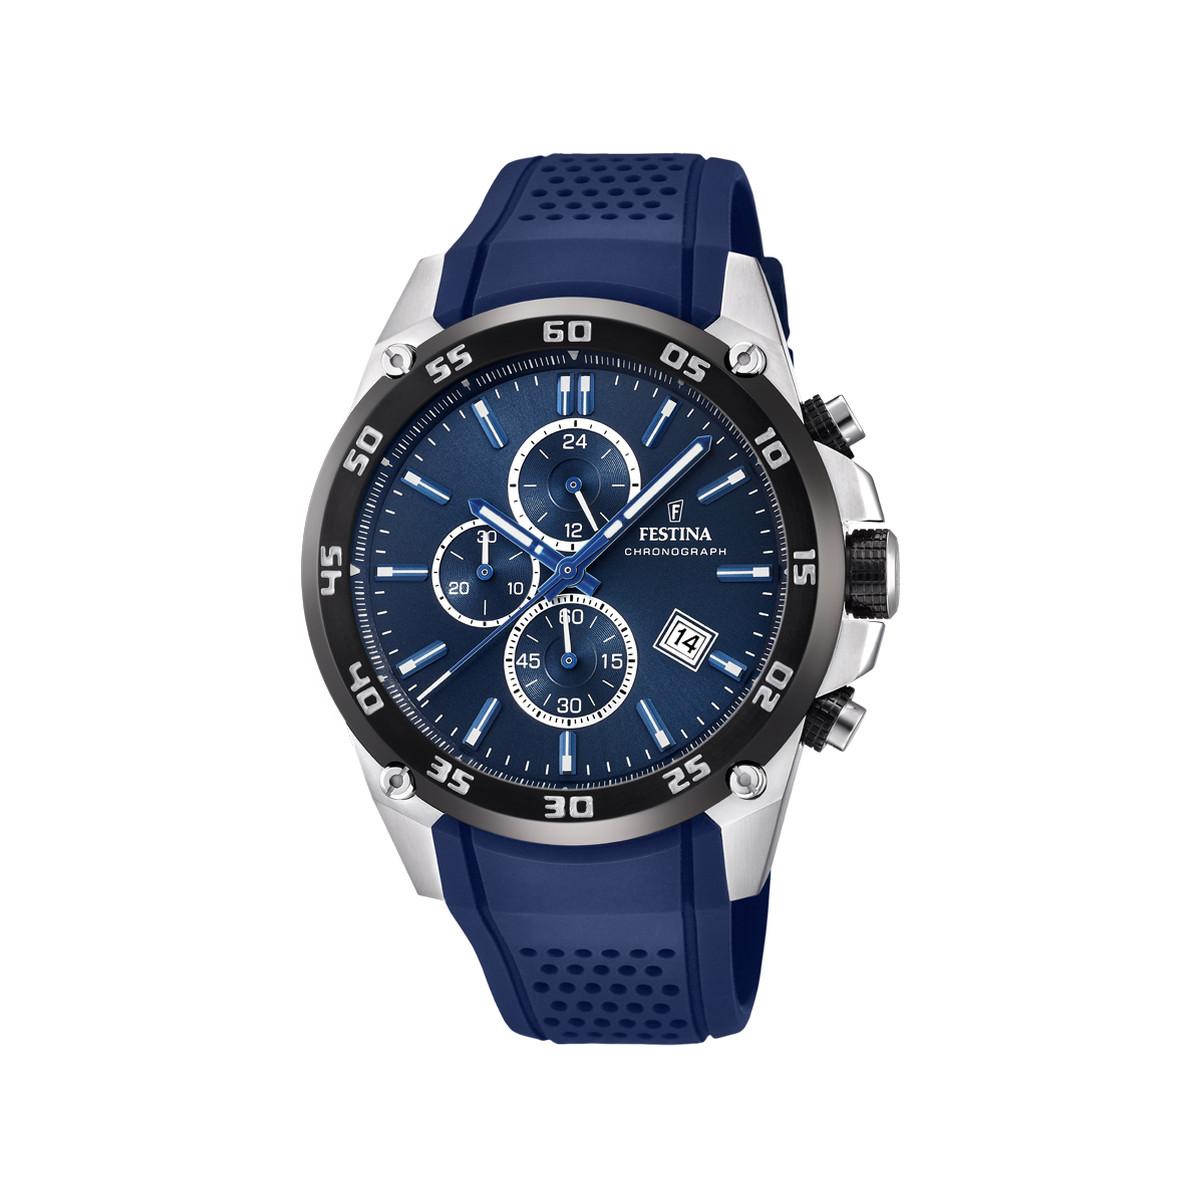 Montre Festina homme chronographe acier silicone - Homme - modèle ... 31efb9907a81